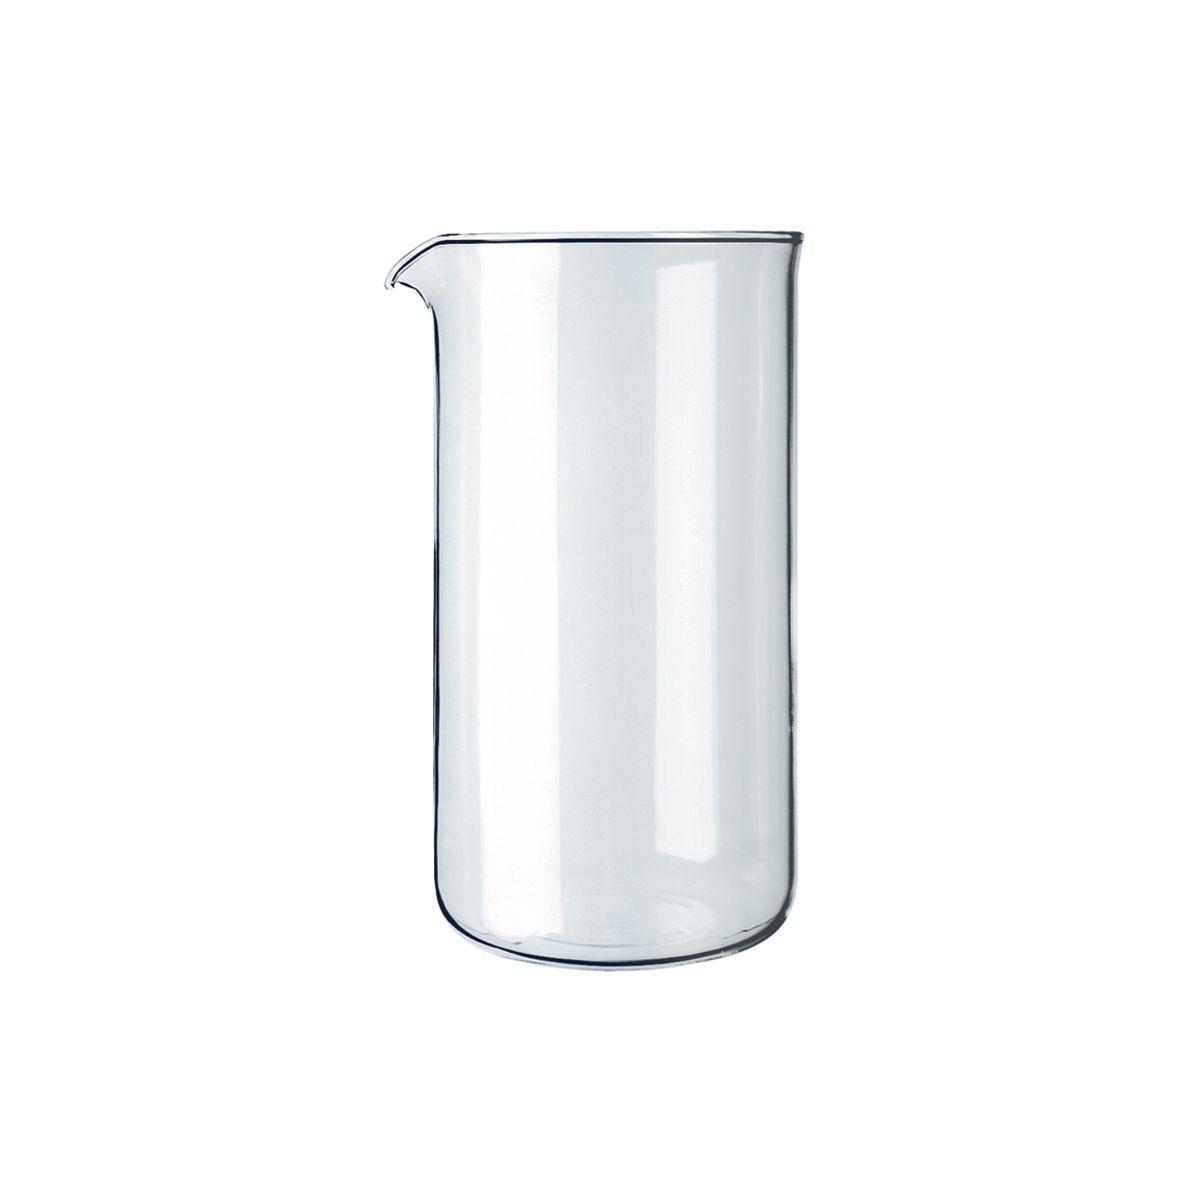 Pièce de rechange : verre de rechange cafetière 8 tasses - Bodum